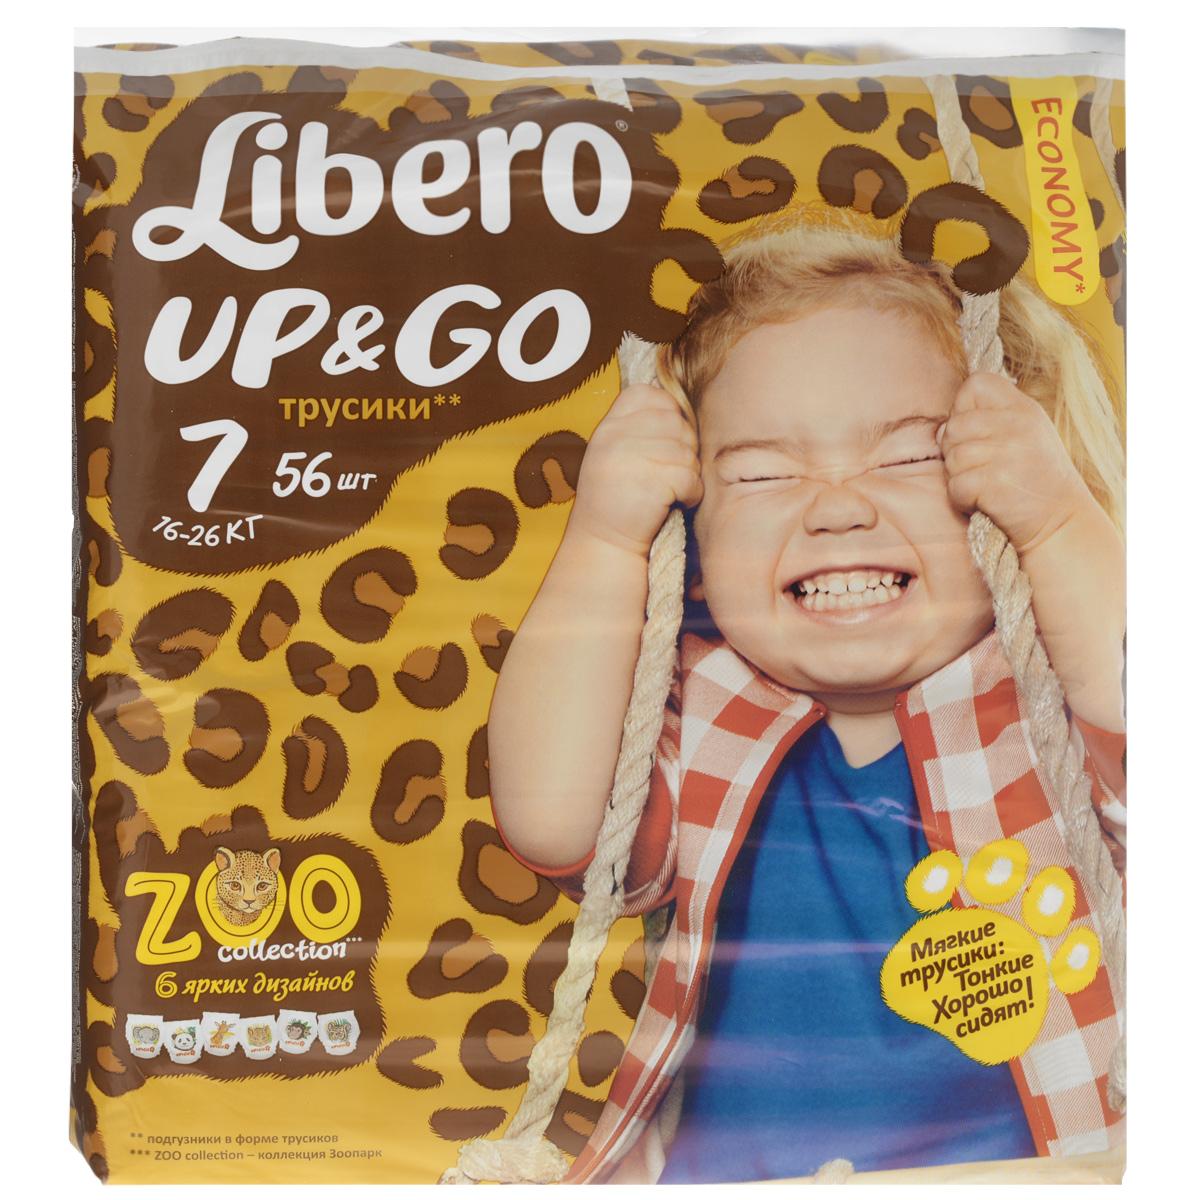 Libero Подгузники-трусики Up&Go Zoo Collection (16-26 кг) 56 шт5524Подгузники-трусики Libero Up&Go супер мягкие и тонкие удобно надевать и снимать, что так важно для детей, которые уже пытаются самостоятельно одеваться. Надев их как обычные трусики, ваш малыш может сам их спустить, если захочет на горшок. Когда подгузник наполнен, вы легко снимите его, просто разорвав боковые швы. Подгузники-трусики Libero Up&Go впитывают еще больше и не протекают благодаря улучшенному впитывающему слою и высоким барьерчикам вокруг ножек, оставляя кожу малыша сухой, поэтому Вы можете также использовать их во время длительных прогулок днем и ночью, чтобы обеспечить ребенку и себе спокойный сон. Благодаря мягкому эластичному пояску вокруг талии, сделанному полностью из дышащего материала, и зауженной ластовице между ножек, подгузники-трусики Libero Up&Go лучше сидят. В них так удобно двигаться, как в обычном белье - они принимают форму тела малыша и абсолютно не стесняют его движений. У всех подгузников-трусиков Libero Up&Go есть специальная...